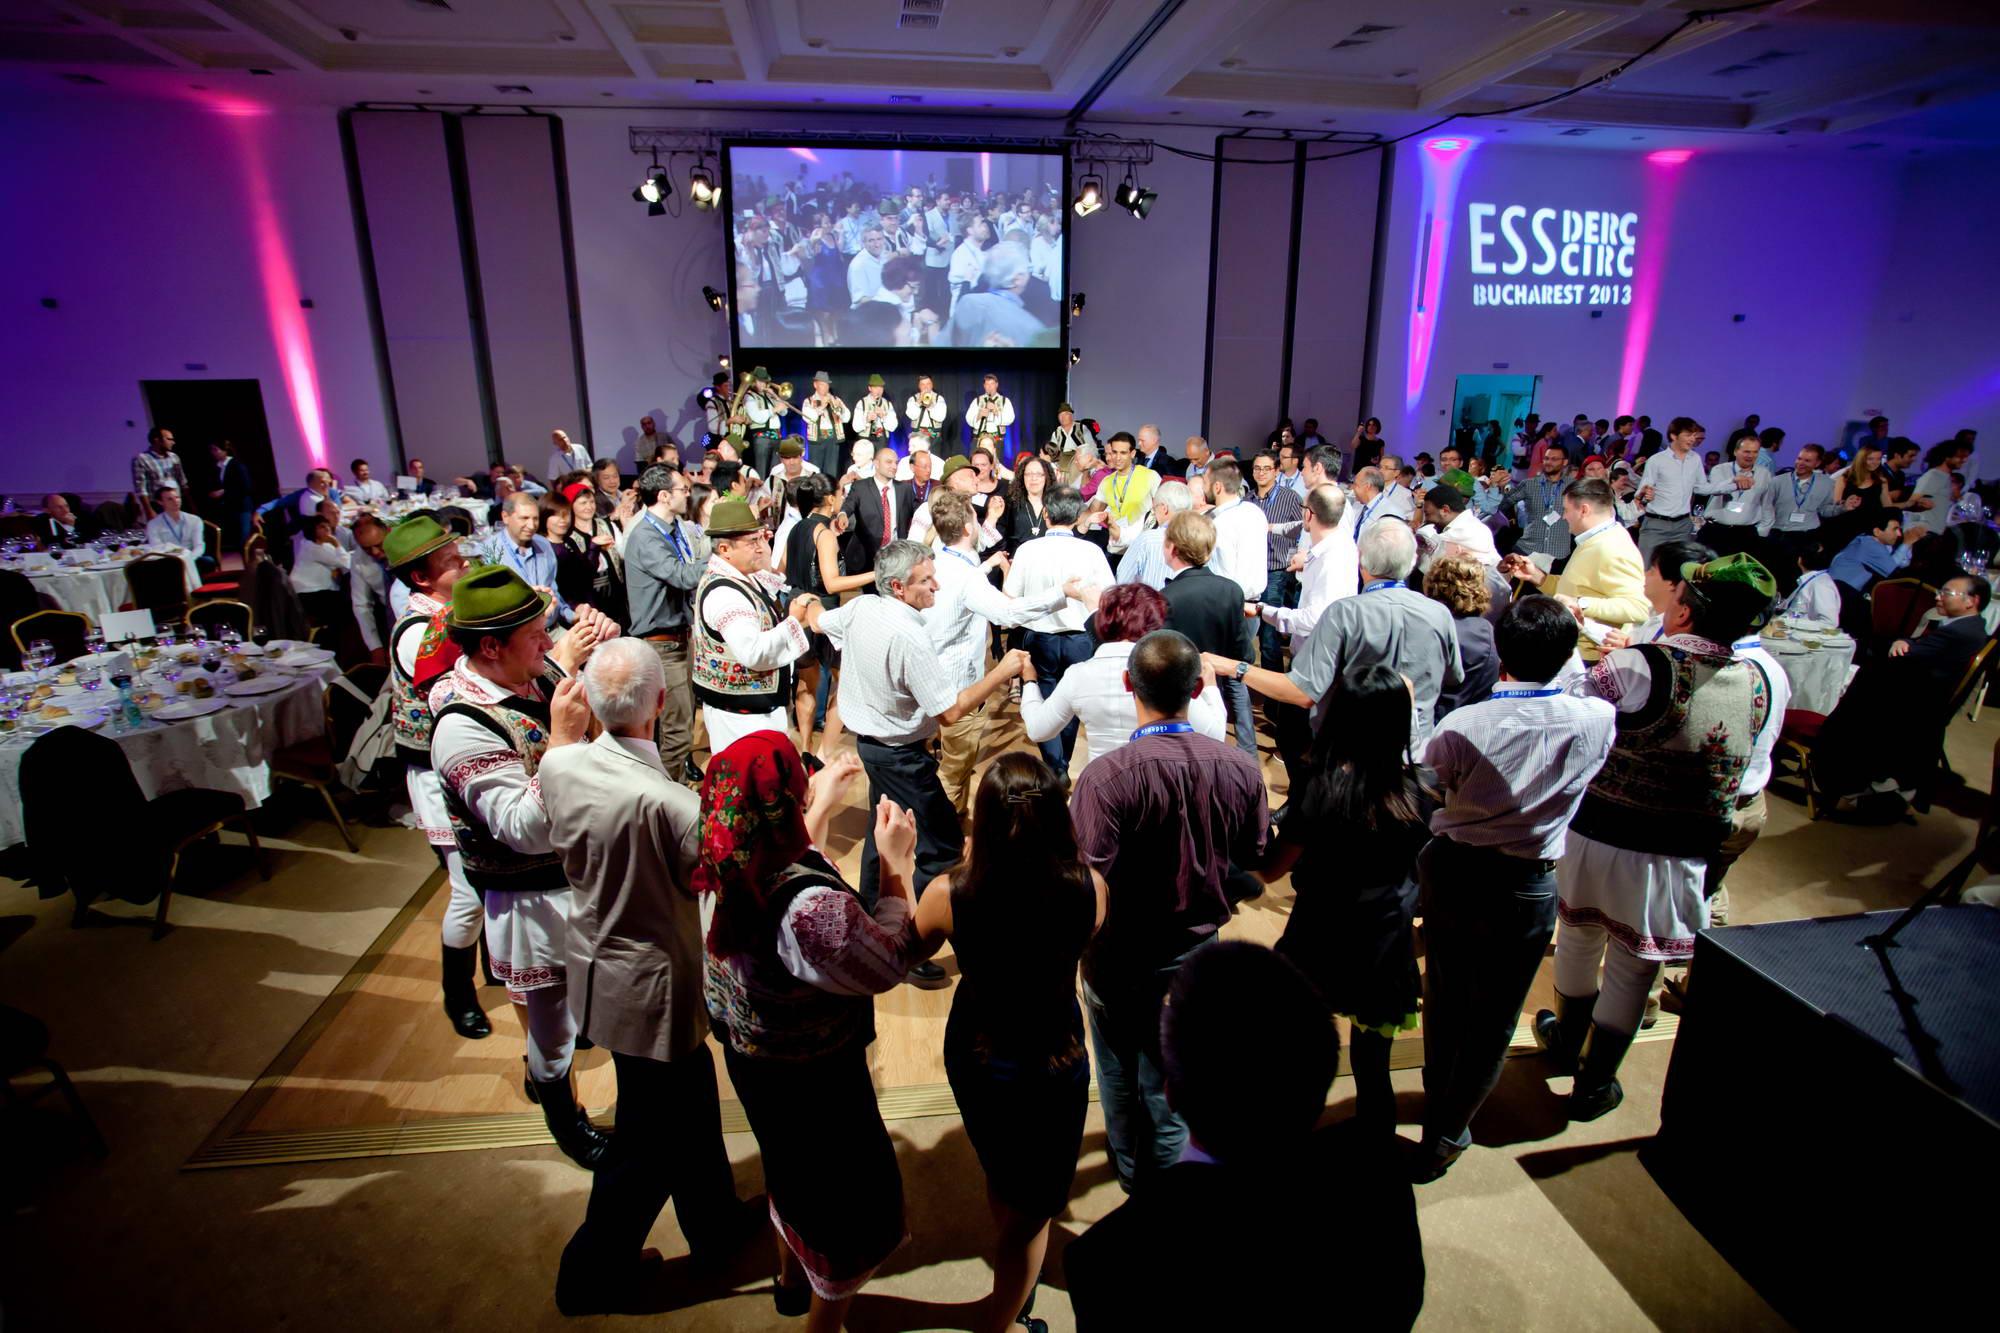 ESSCIRC - ESSDERC Gala Dinner